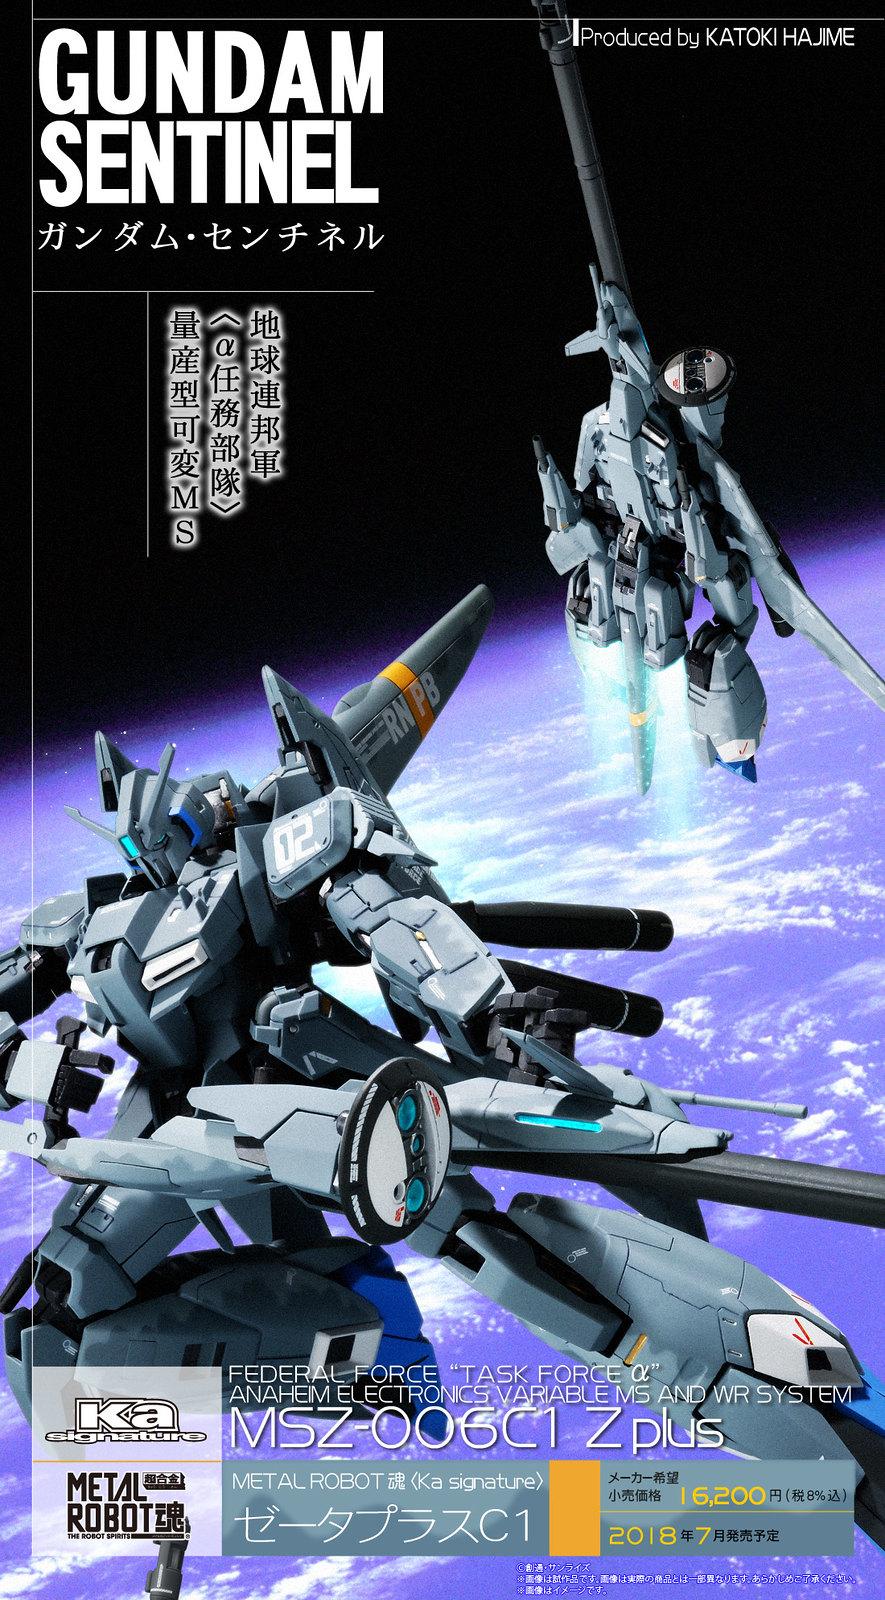 人氣可變MS登場!METAL ROBOT魂《鋼彈前哨戰》(Ka signature) MSZ-006C1 Zplus C1(ゼータプラス C1)情報公開!